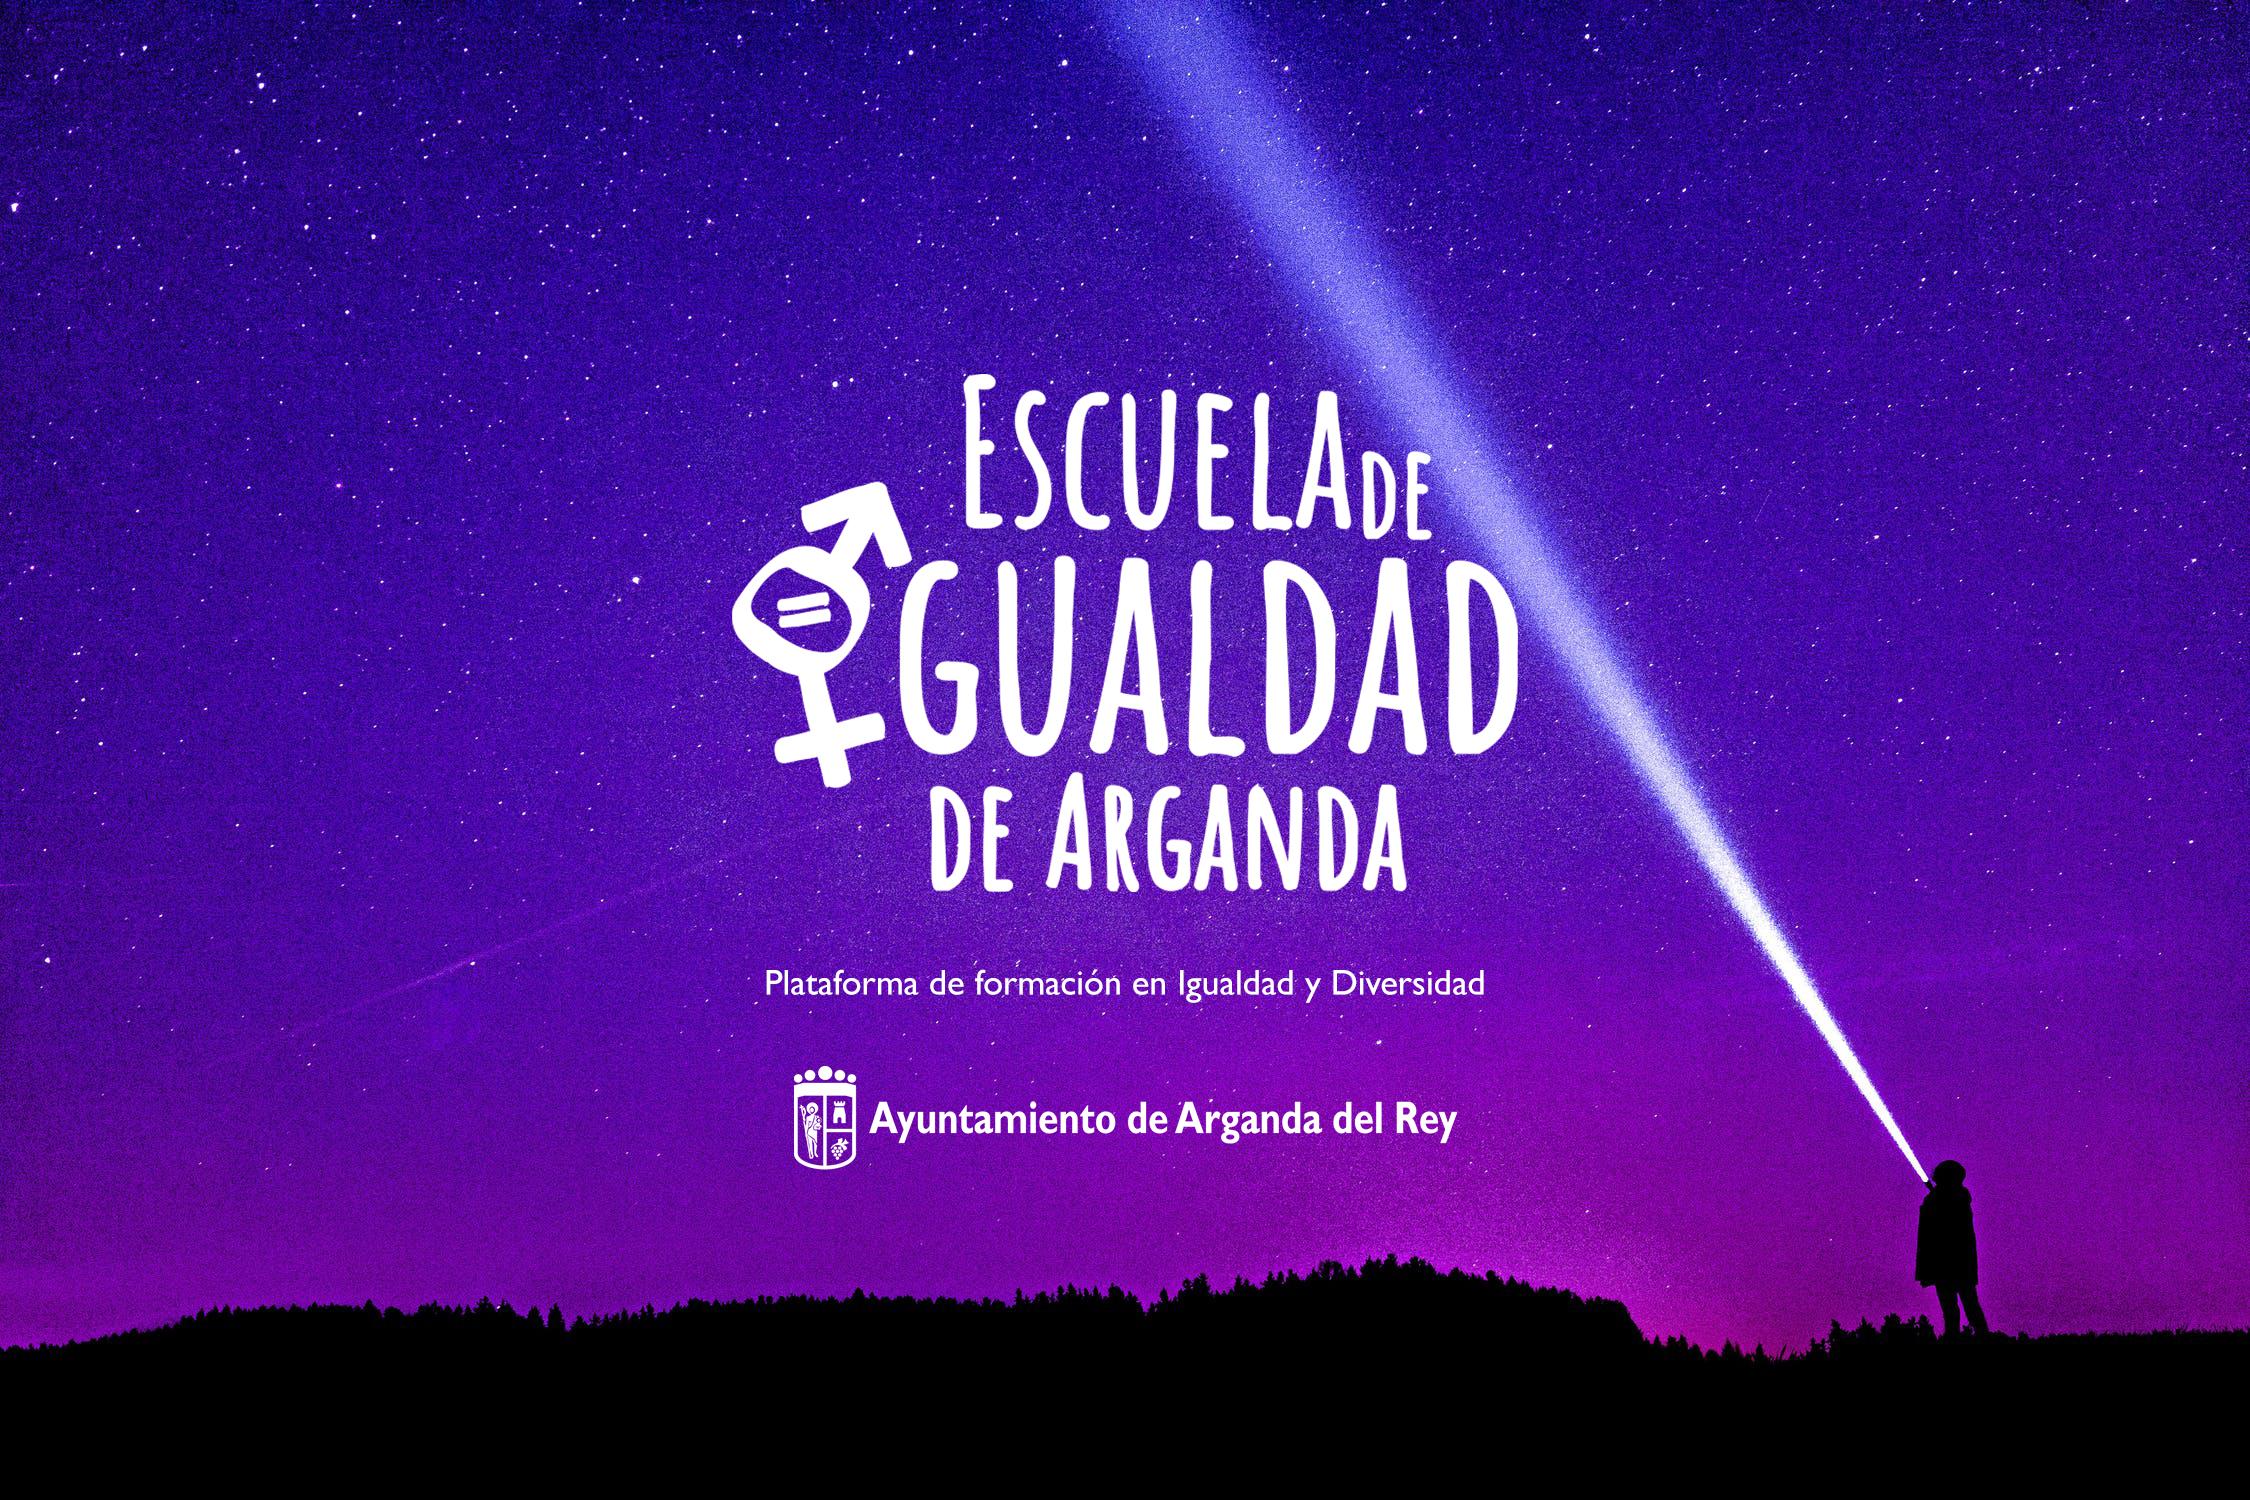 """Nuevos cursos de la """"Escuela de Igualdad"""" de Arganda del Rey"""